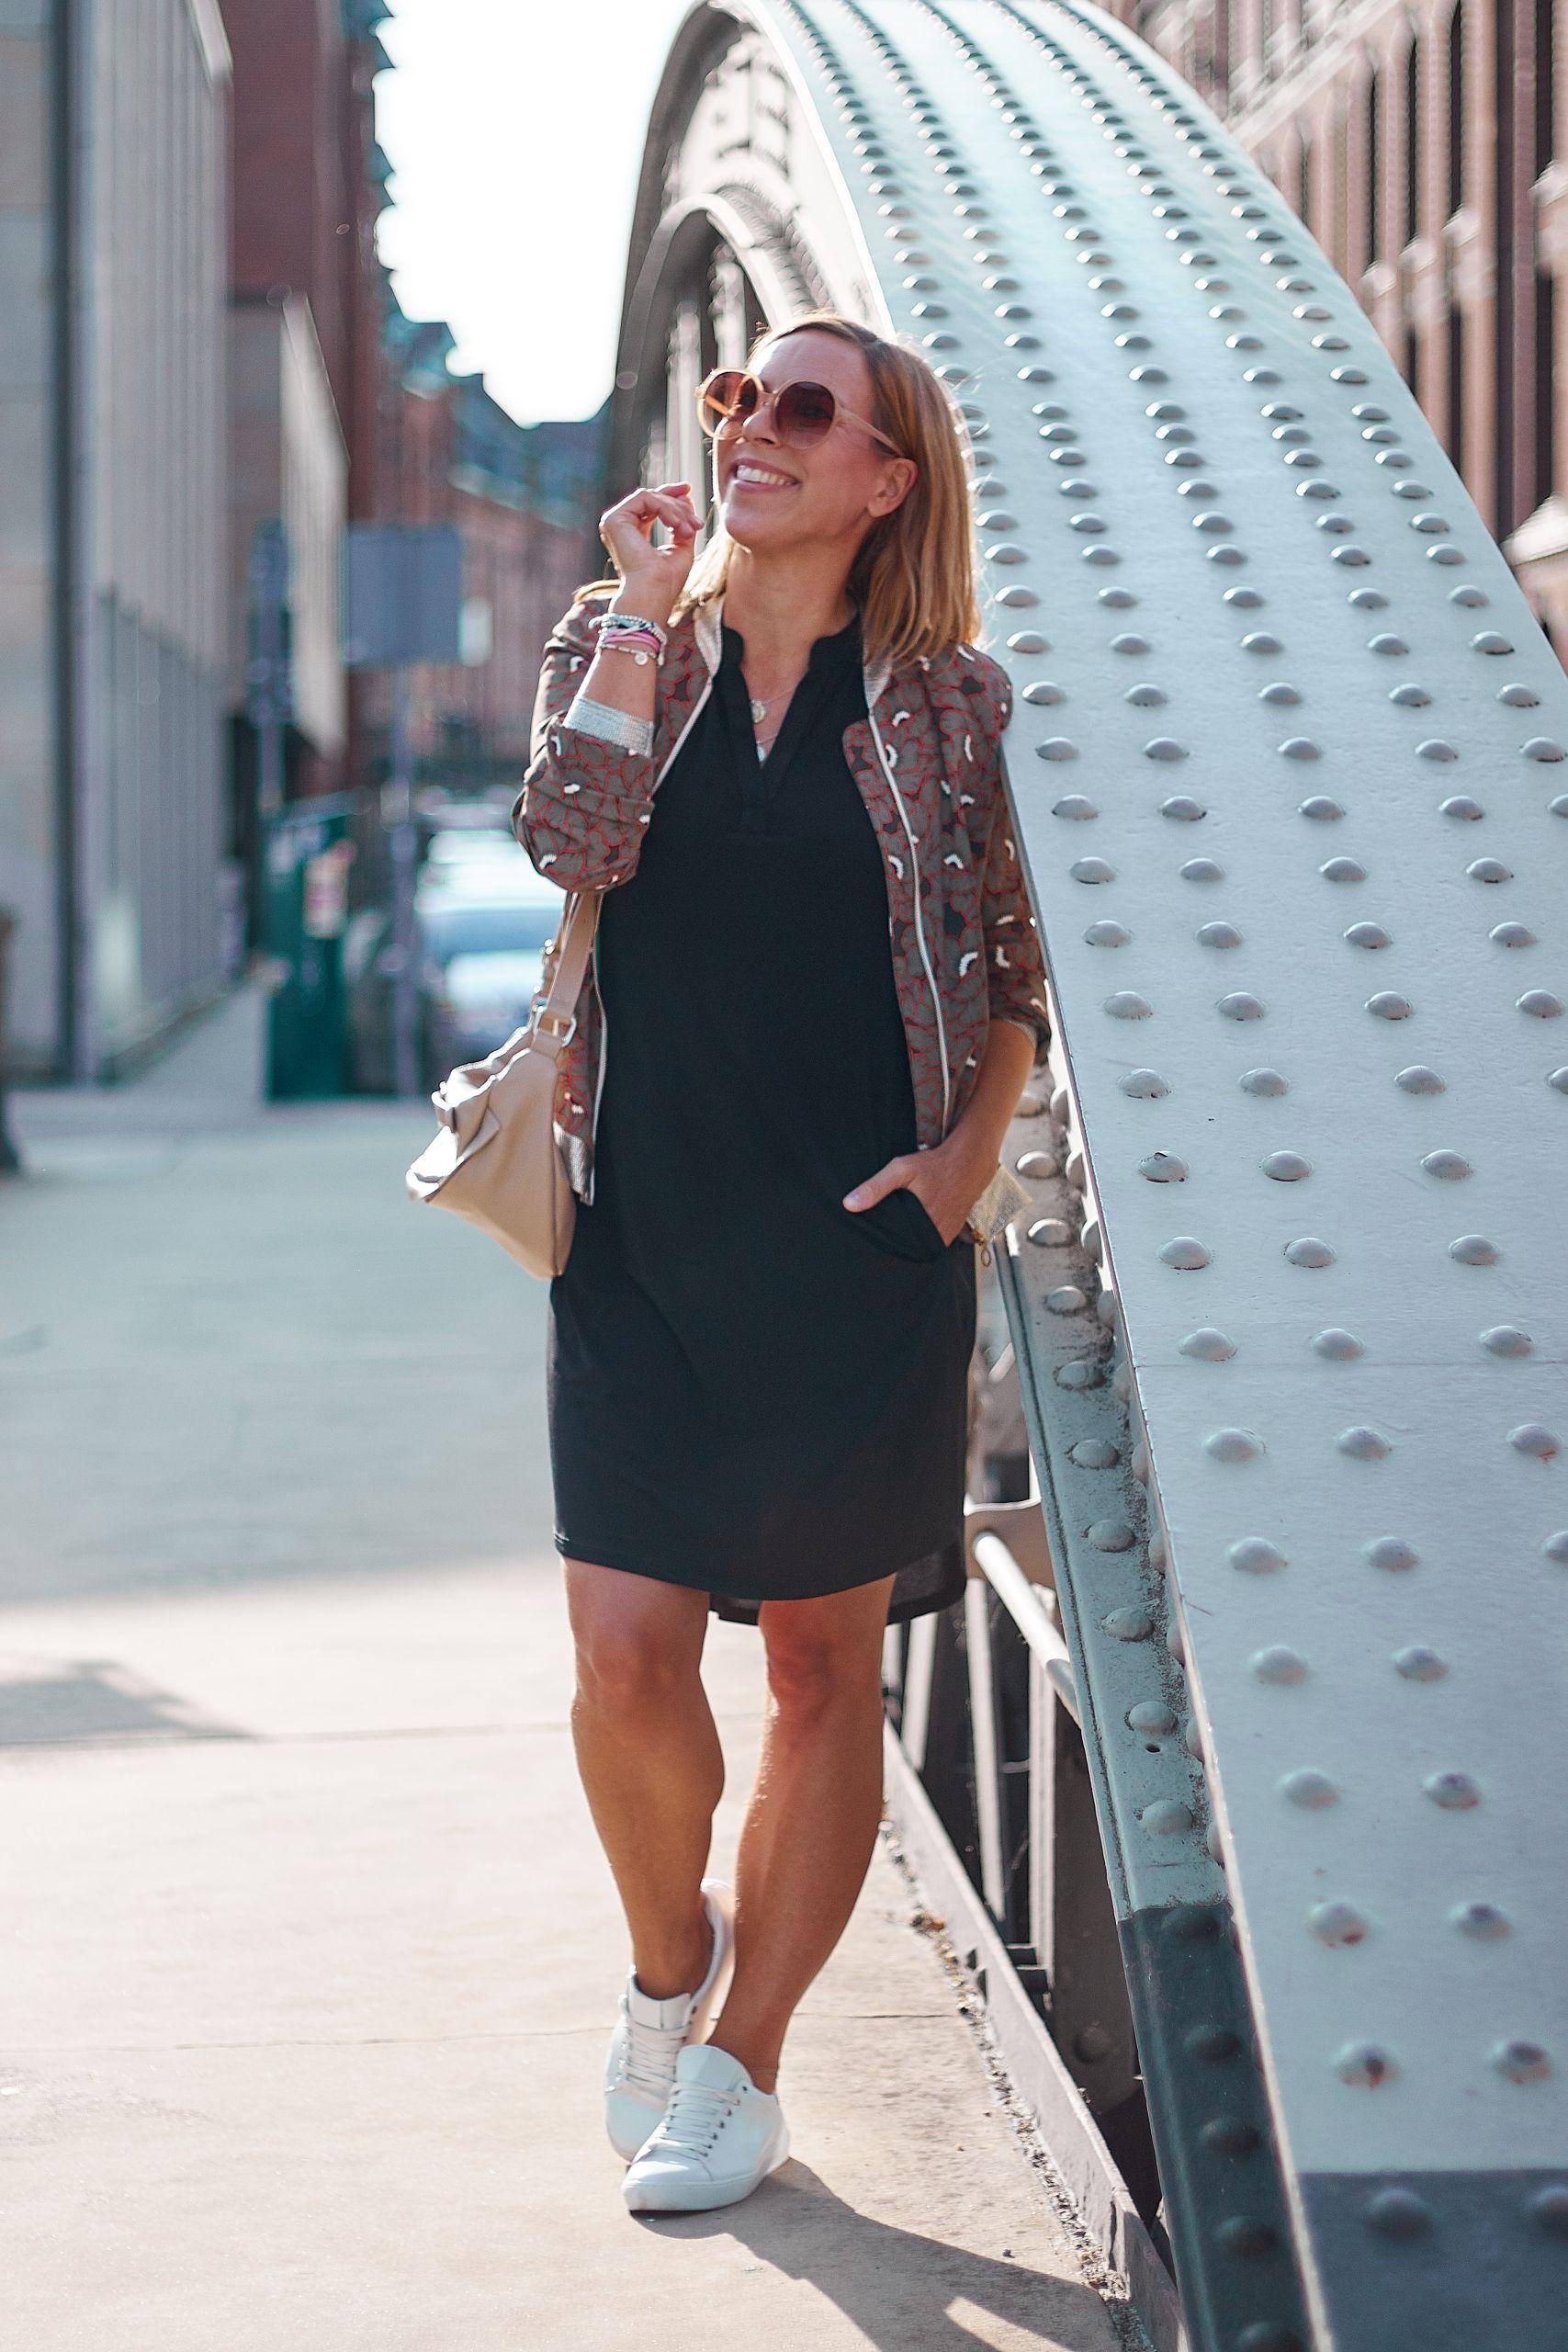 Schwarzes Kleid von Liberty Woman Online zu Bomberjacke und Bauchtasche in der Speicherstadt